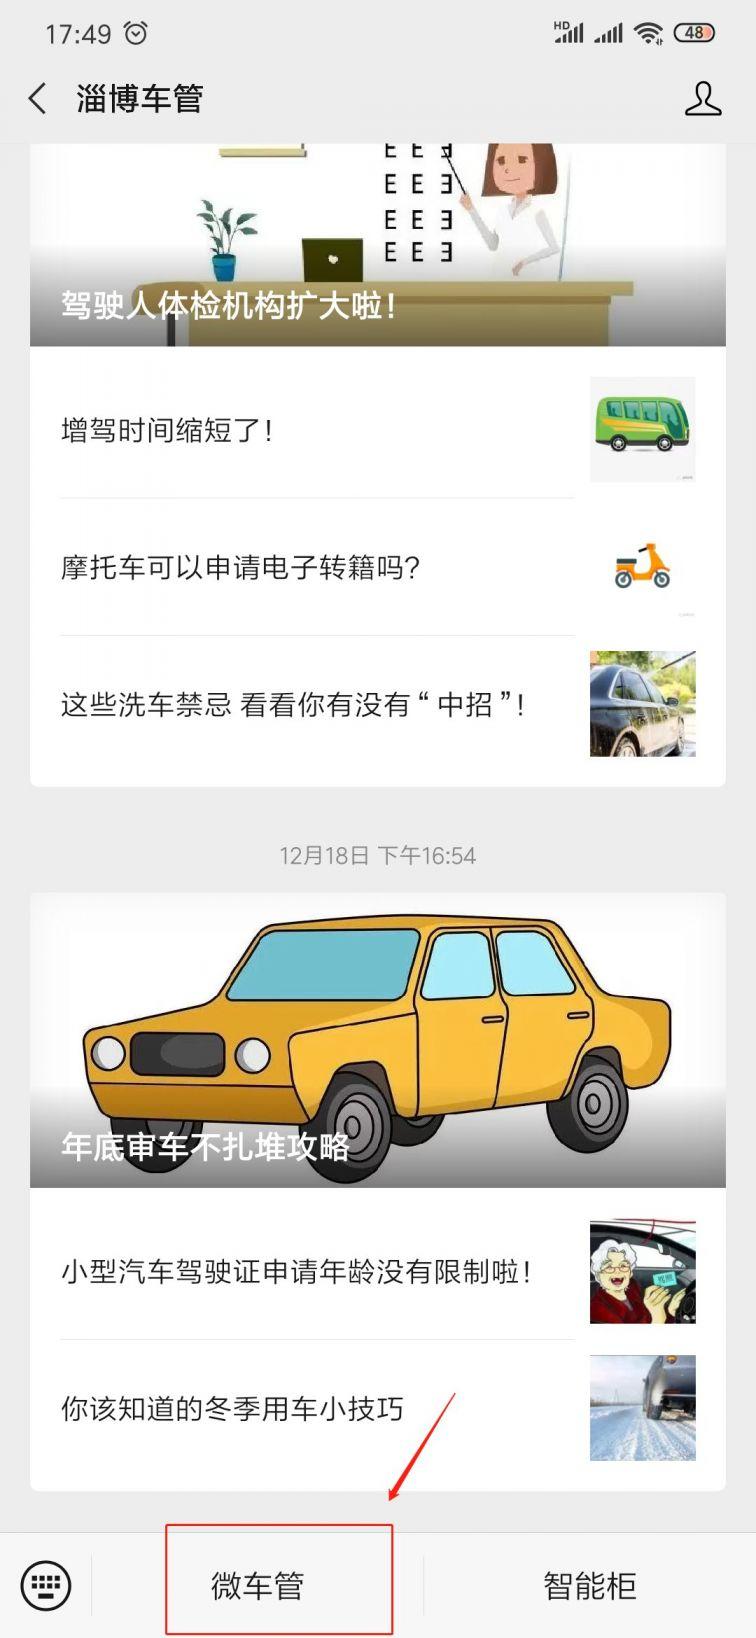 淄博机动车网上(手机)领取免检标志攻略